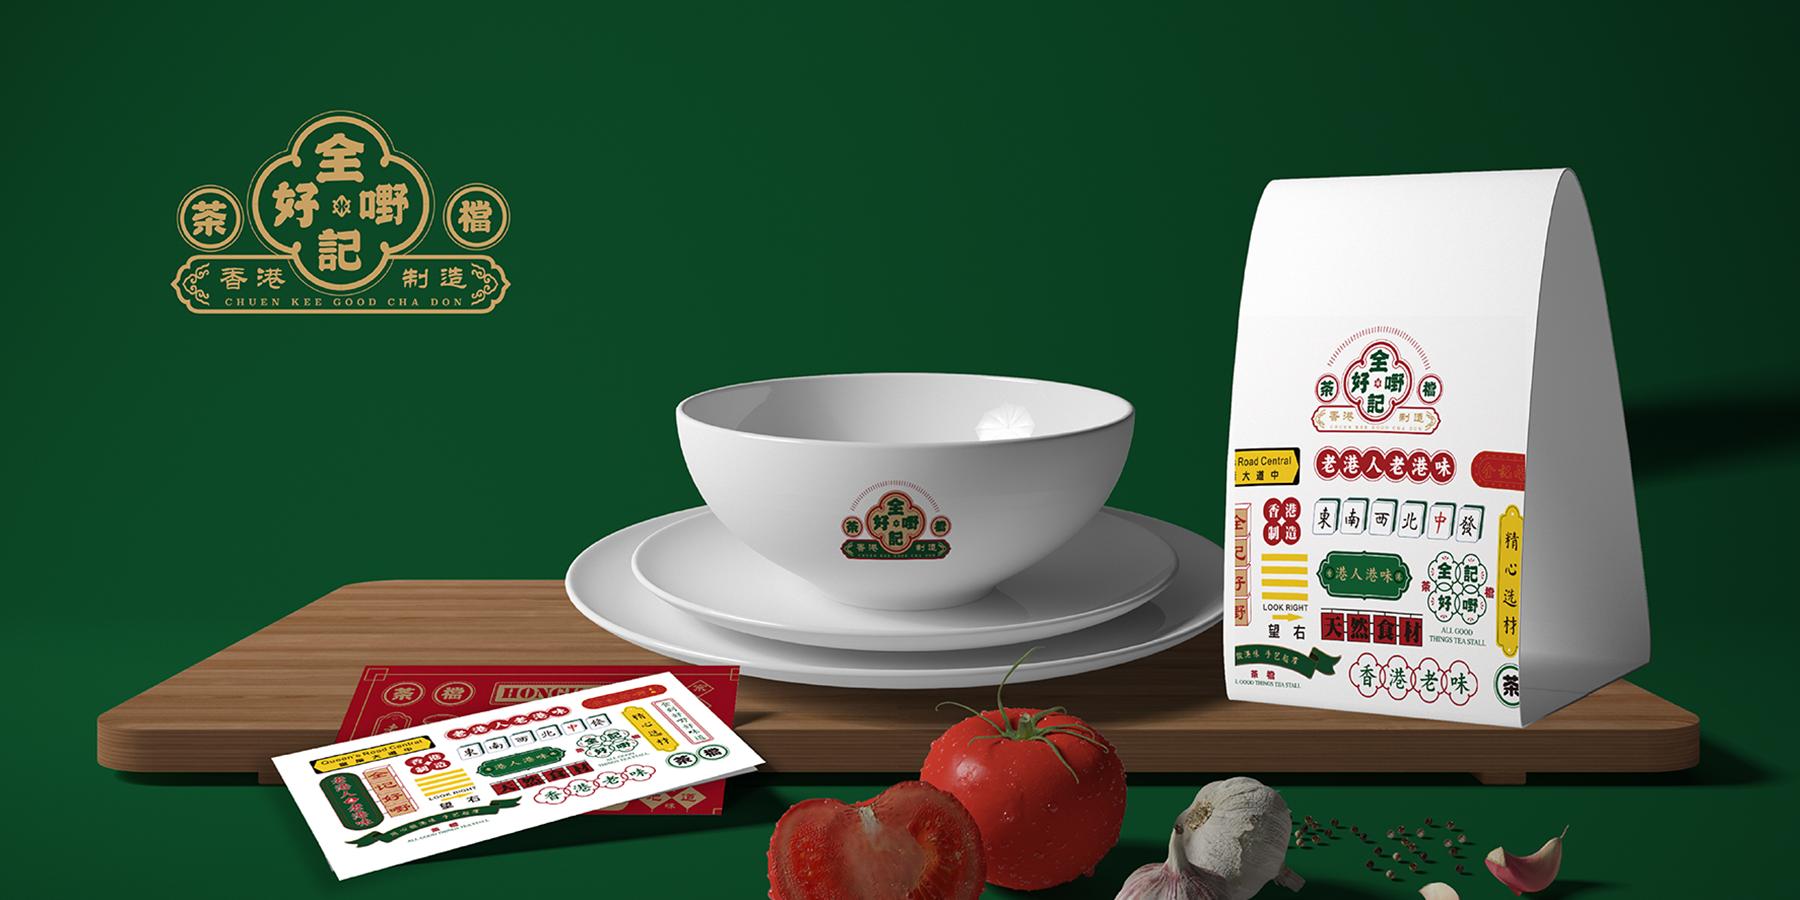 全记好嘢茶档-VI设计- 品牌设计-品牌策略